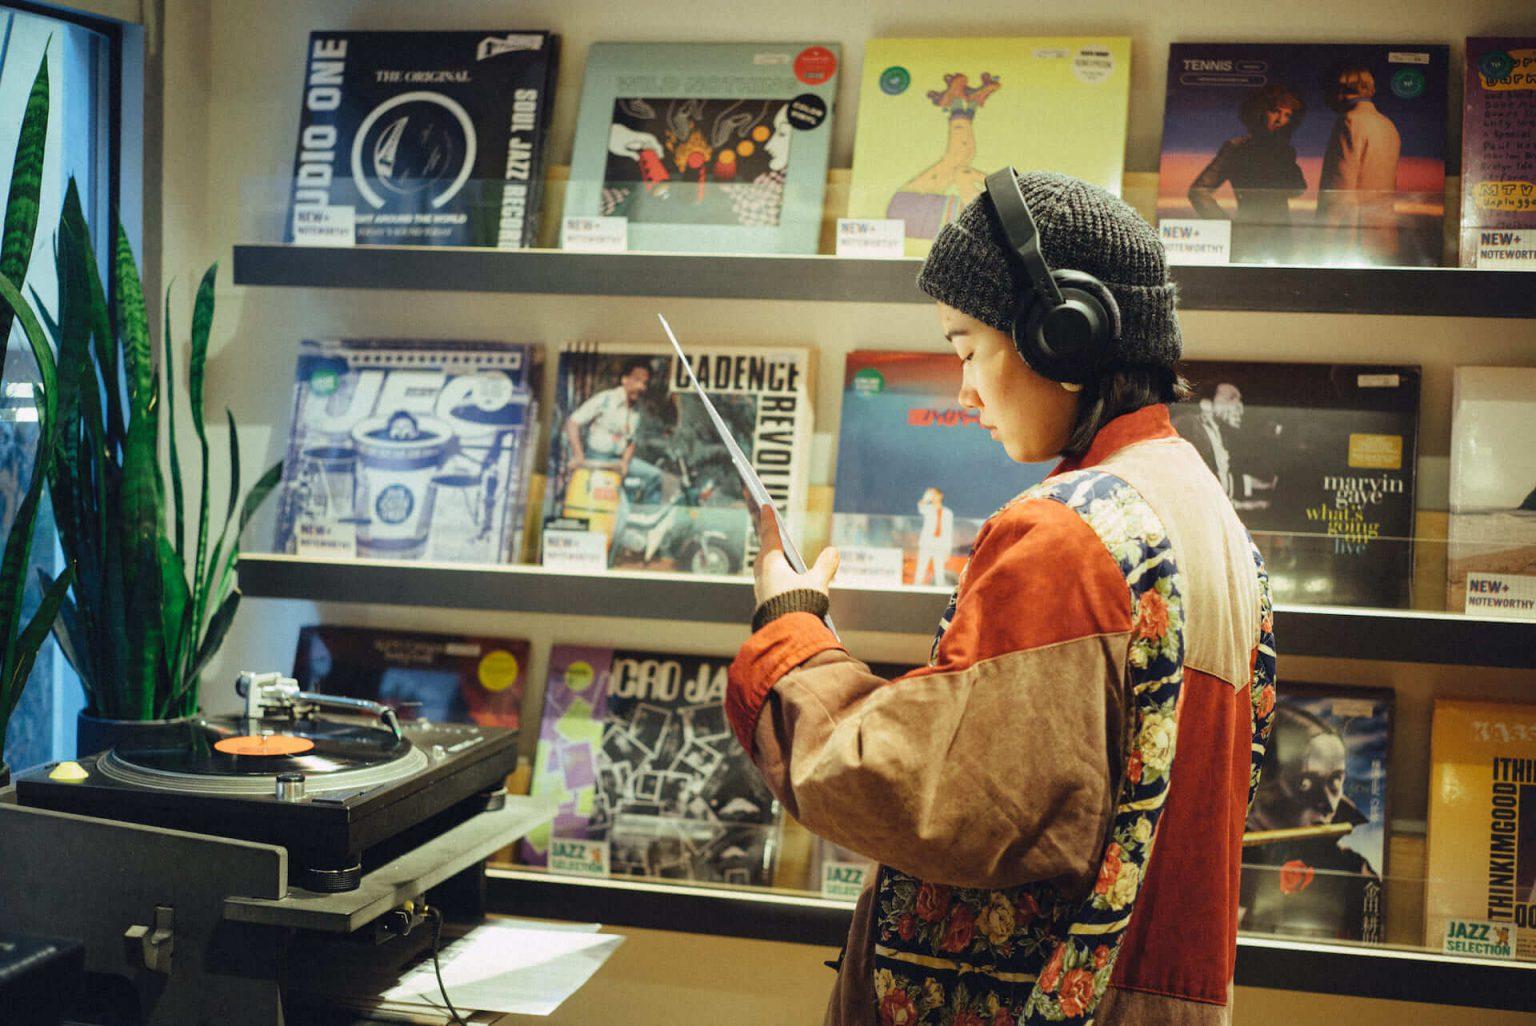 12_4220_AT_TTL-1440x962 1999年、NYC・大学寮の一室で始まったレコードショップの現在。すべてのDJに開かれた店「Turntable Lab」